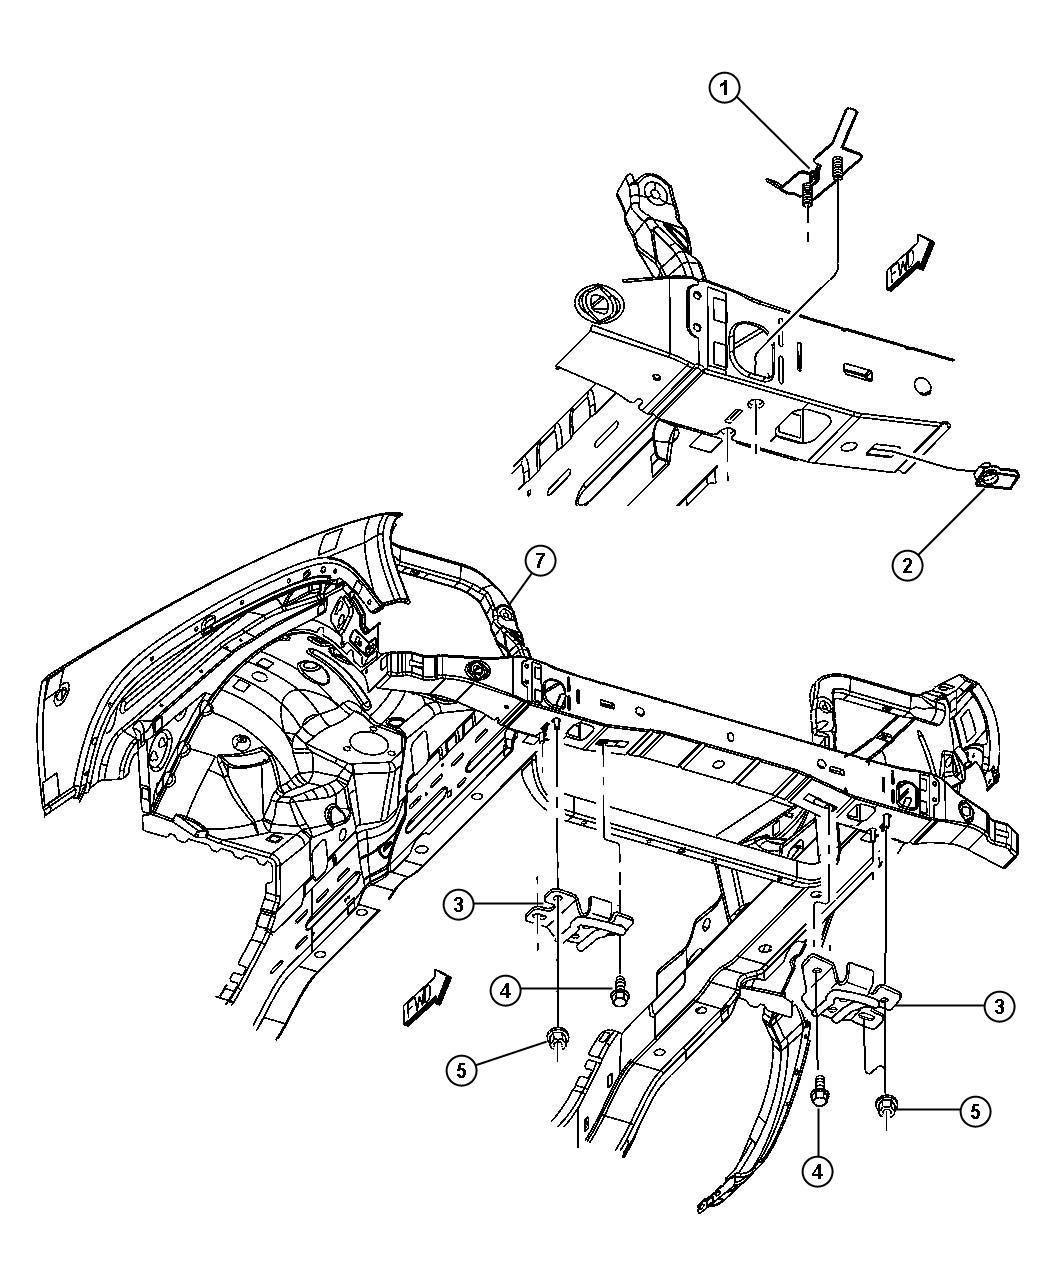 jeep liberty door frame diagram 06101102    jeep    bolt hex head m12x1 75x45 front bumper  06101102    jeep    bolt hex head m12x1 75x45 front bumper